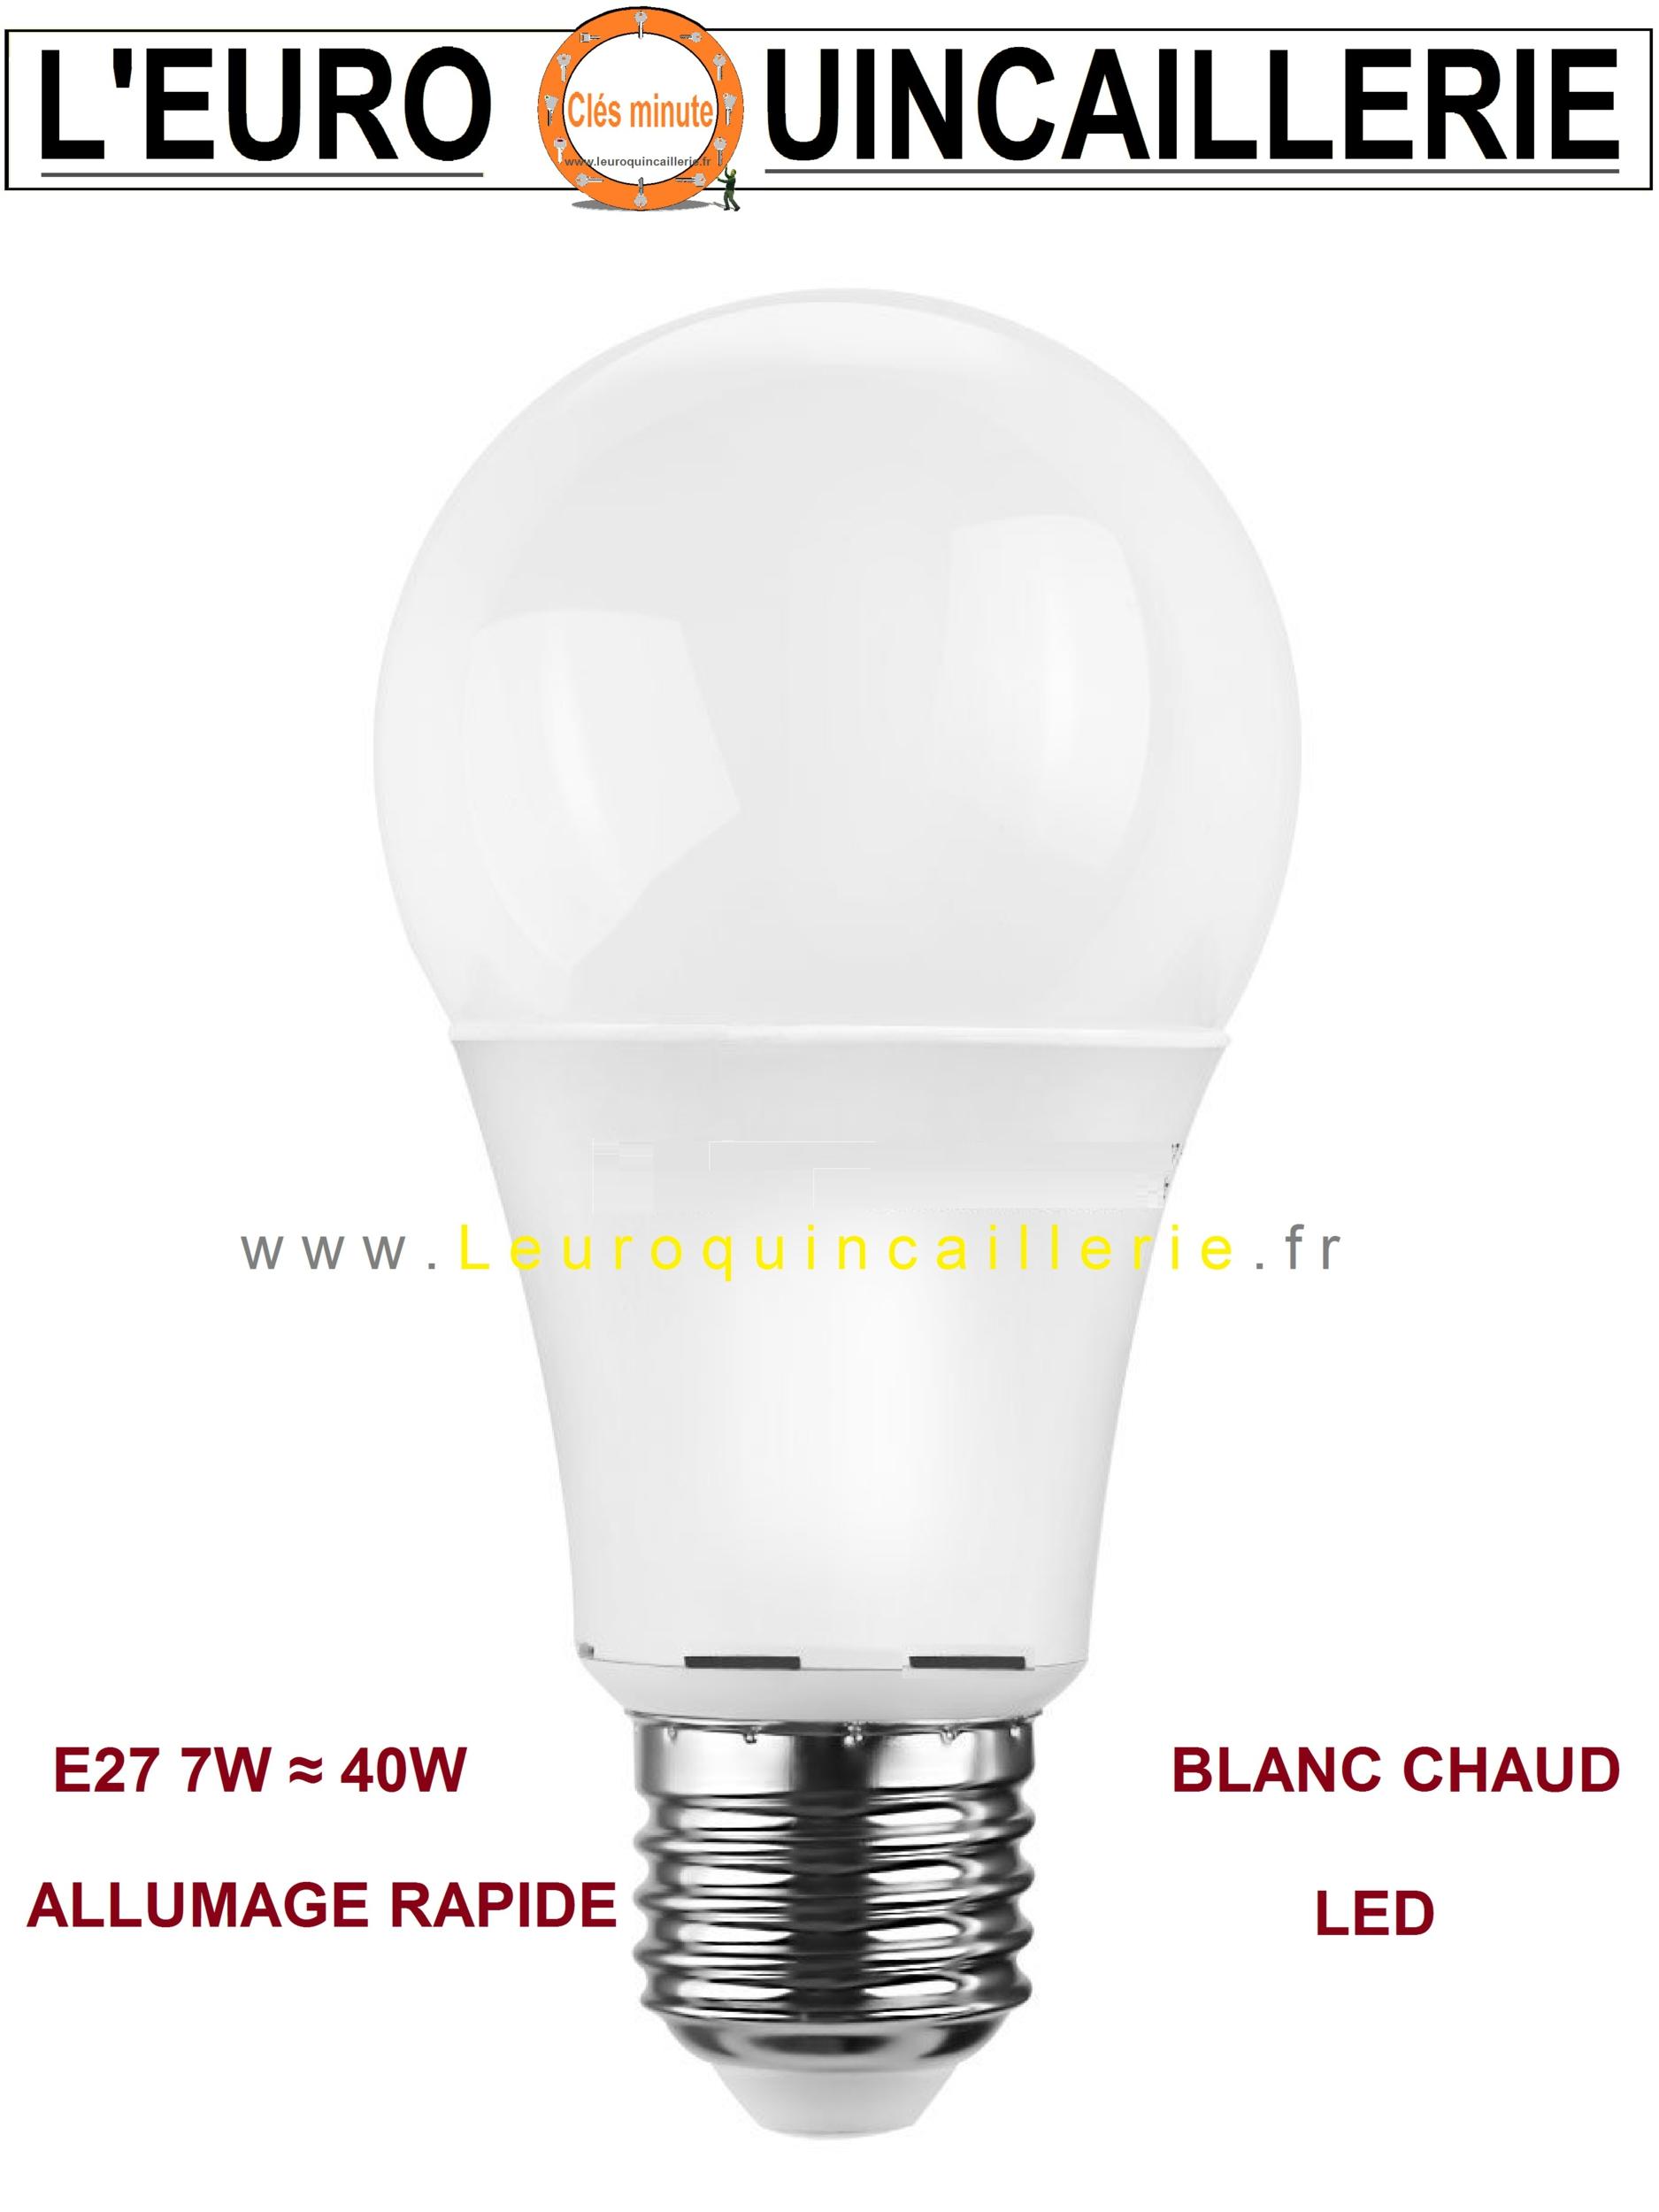 Ampoule à LED standard E27 7W ≈ 40w blanc chaud